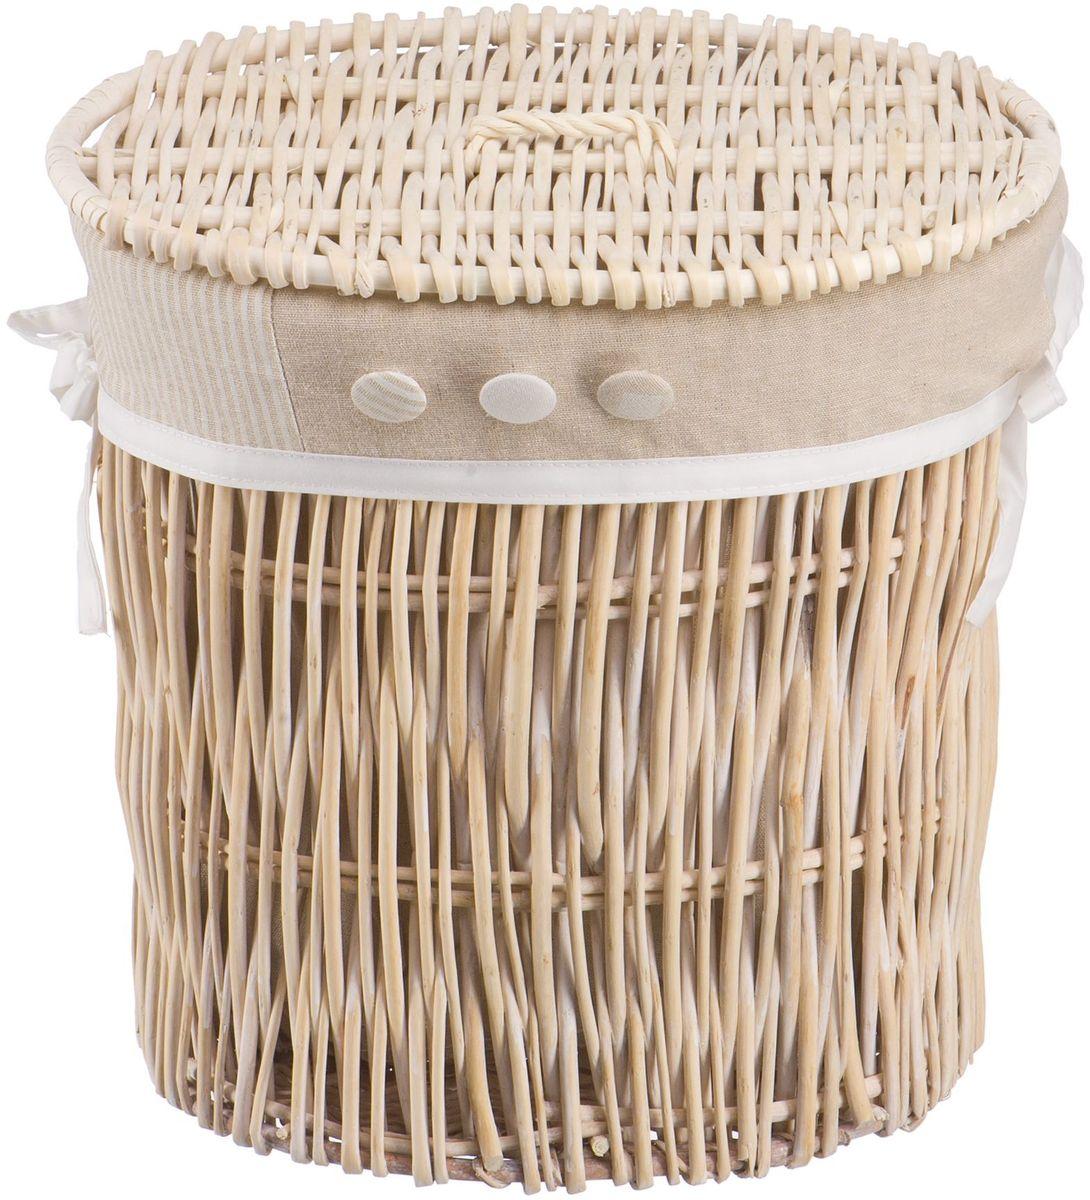 Корзина для белья Natural House Пуговка, цвет: молочный, 36 х 27 х 37 см391602Бельевая корзина из лозы ивы не только удобна, практична, но и прекрасно выглядит. Высокое качество и натуральные материалы гармонично сочетаются и создают в доме уют и теплое настроение. В комплекте с корзиной идет съемный чехол, который легко снимается и стирается.